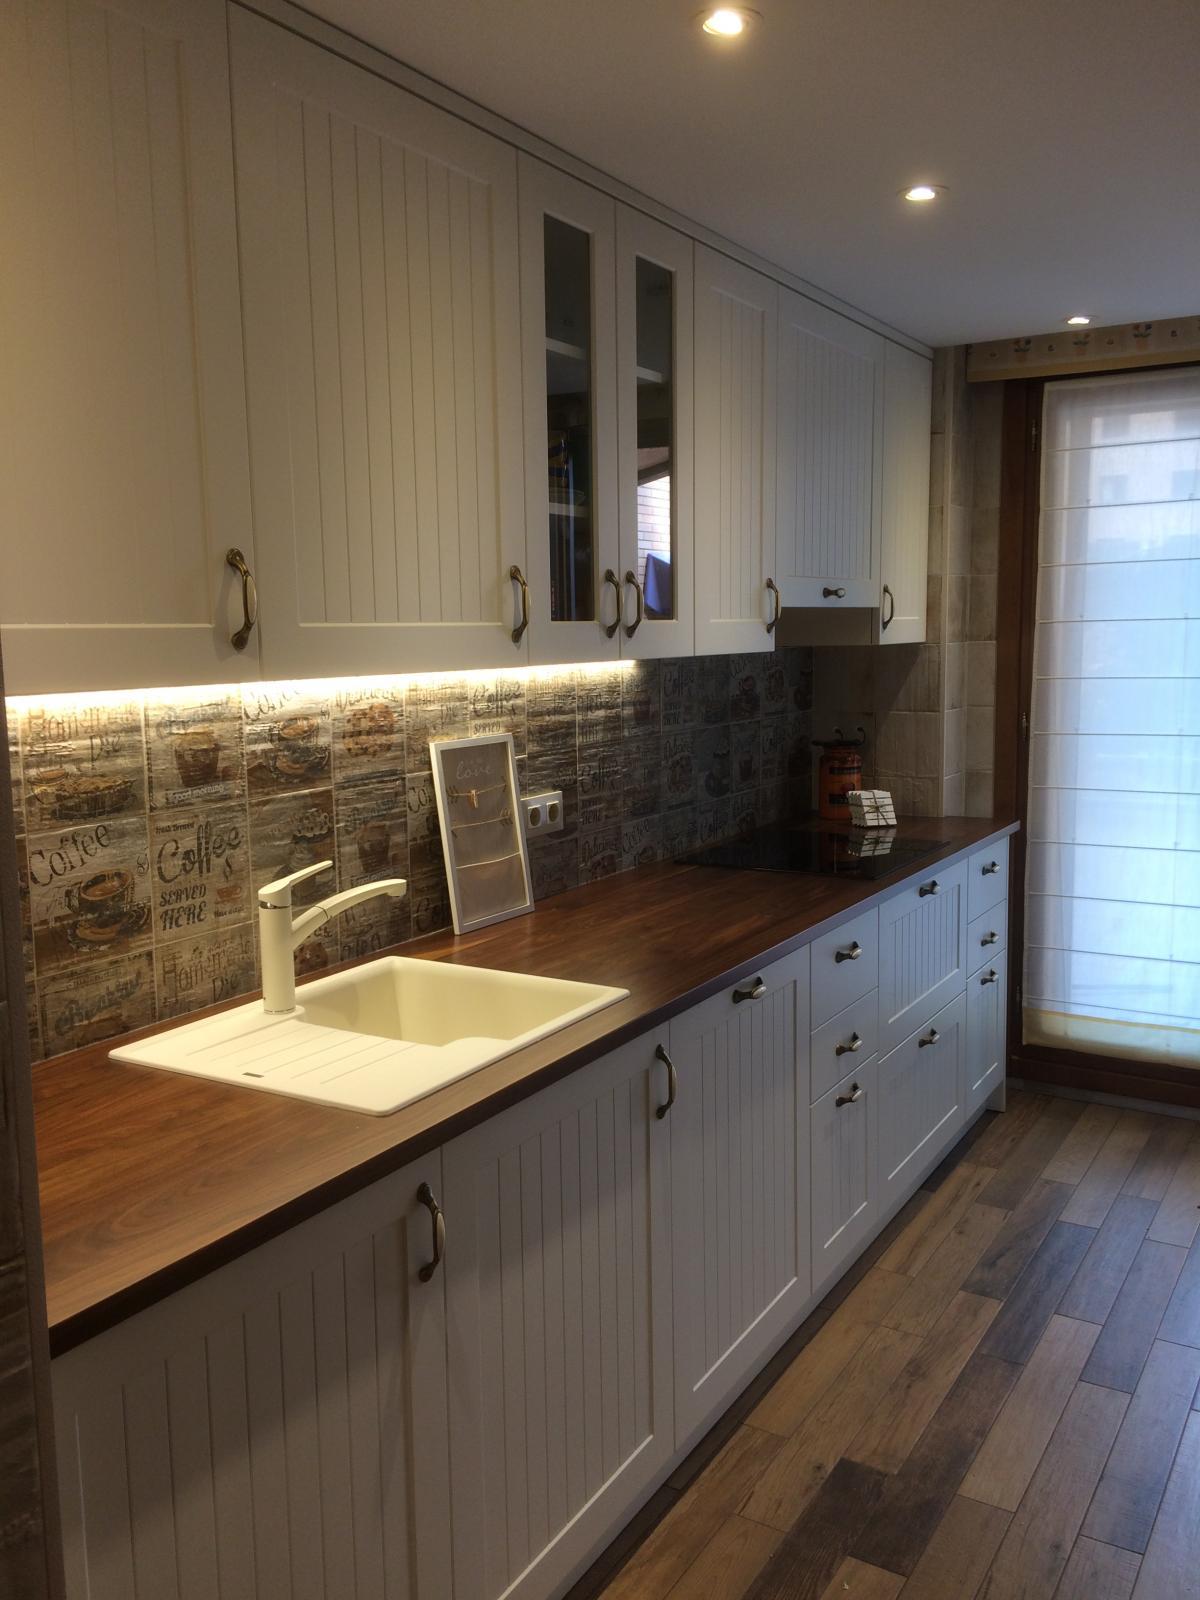 Construcciones Adrian: Vista detallada de reforma en cocina